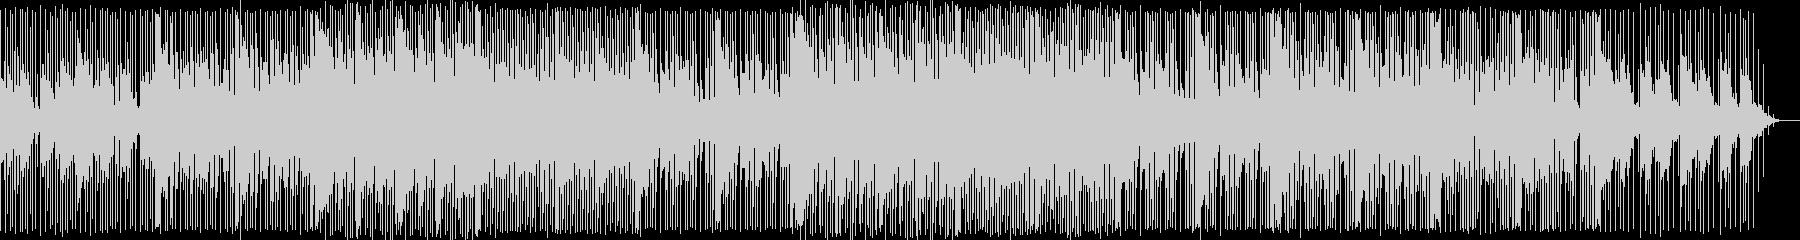 ユーモラスで元気な感じのBGMの未再生の波形